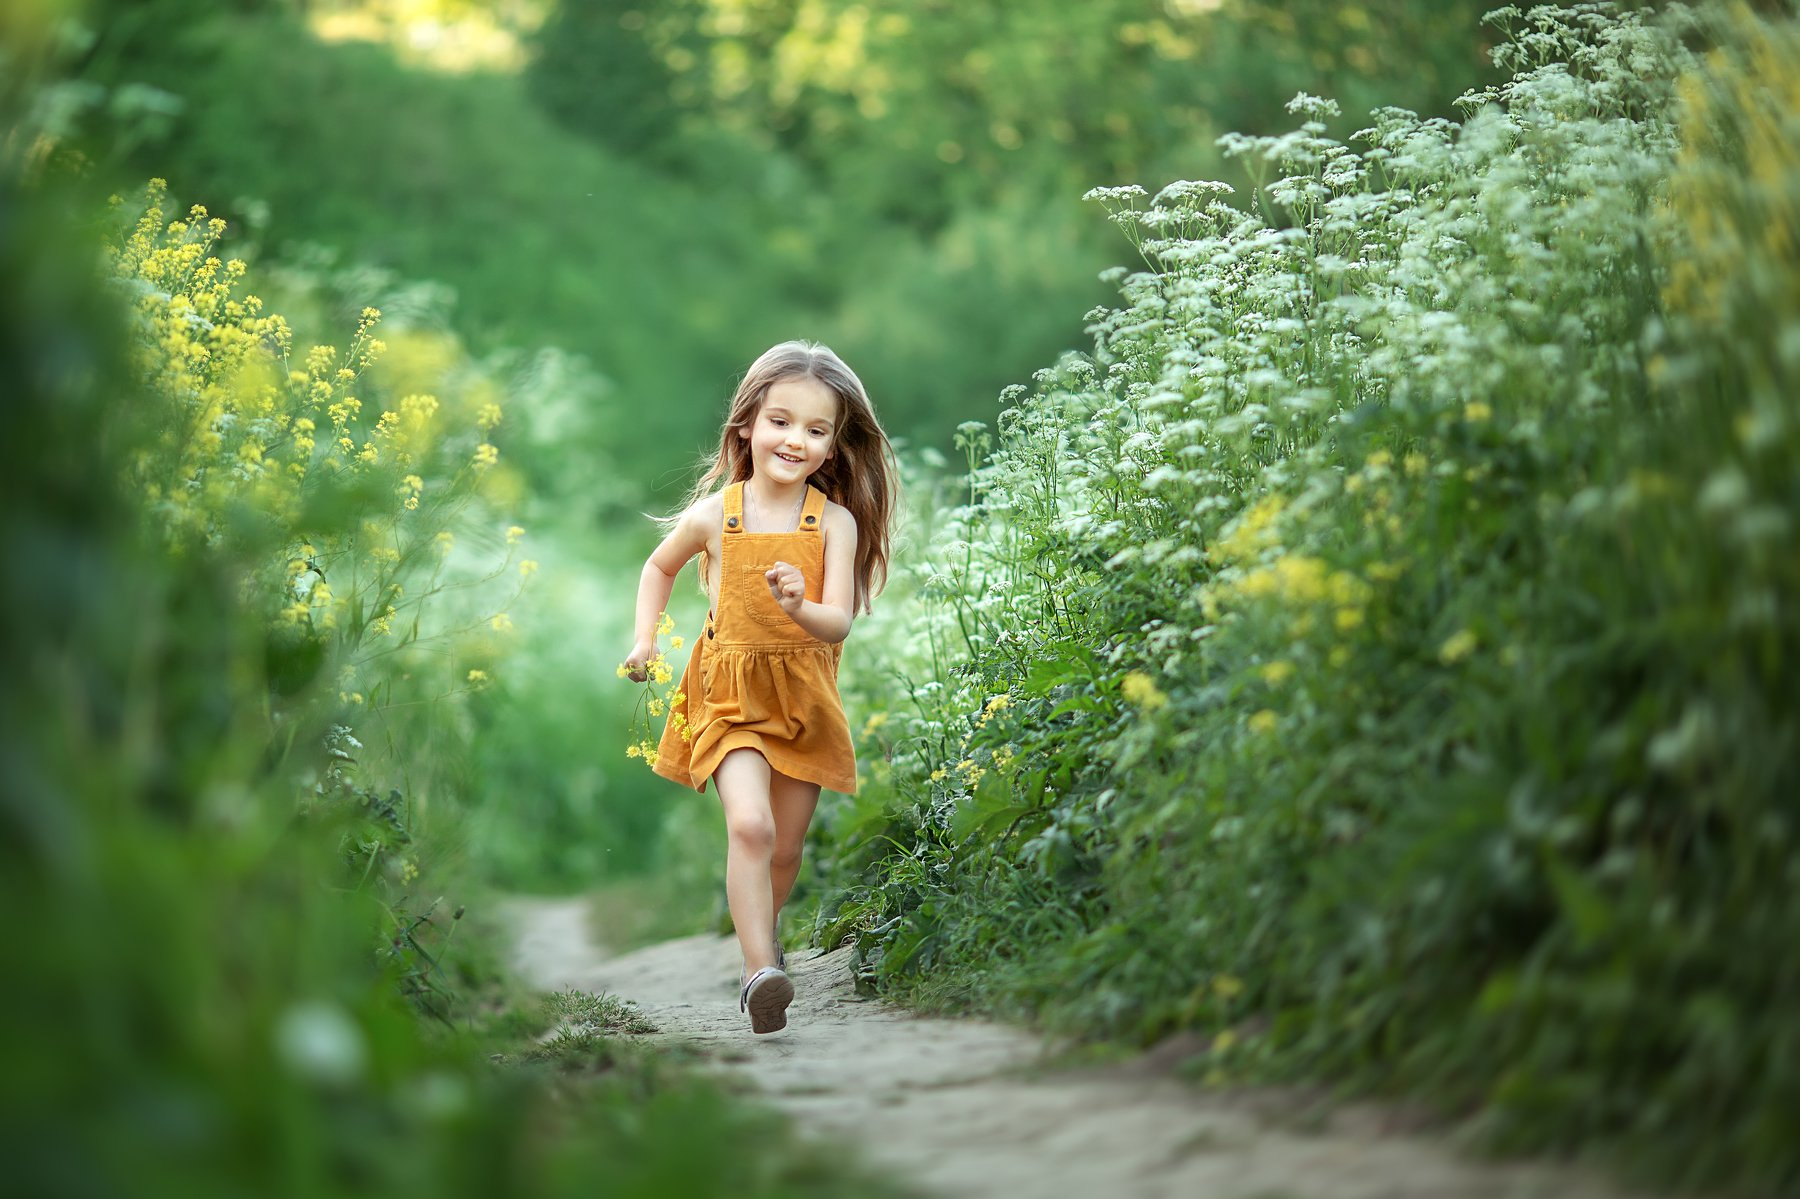 девочка, дорога, цветы, радость, зелень, Бобровская Людмила